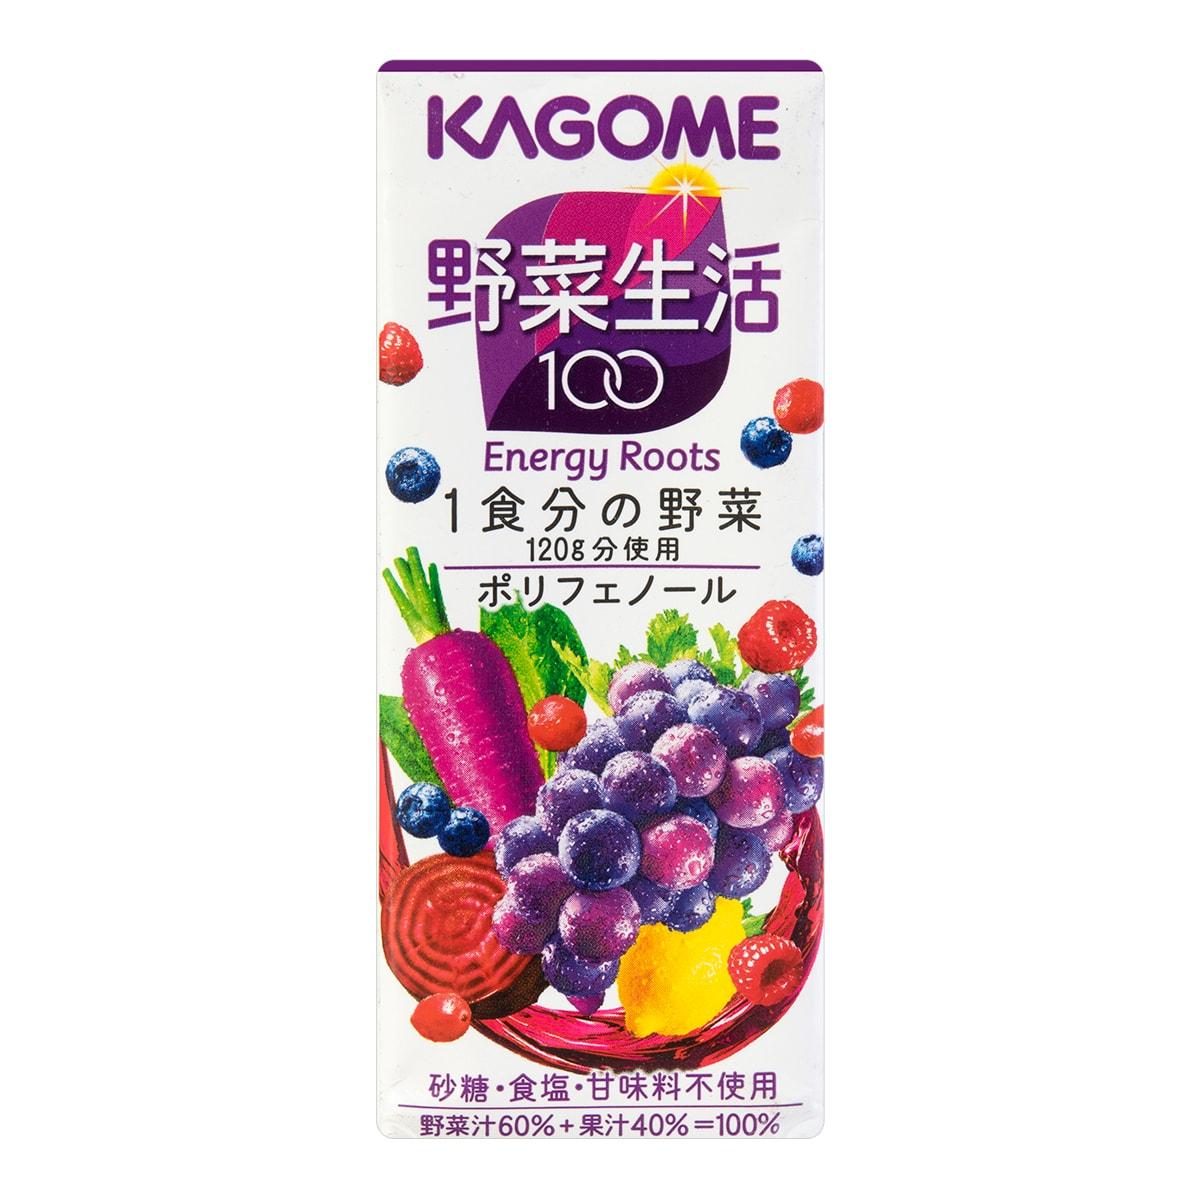 KAGOME Purple 100% Vegetable Juice 200g